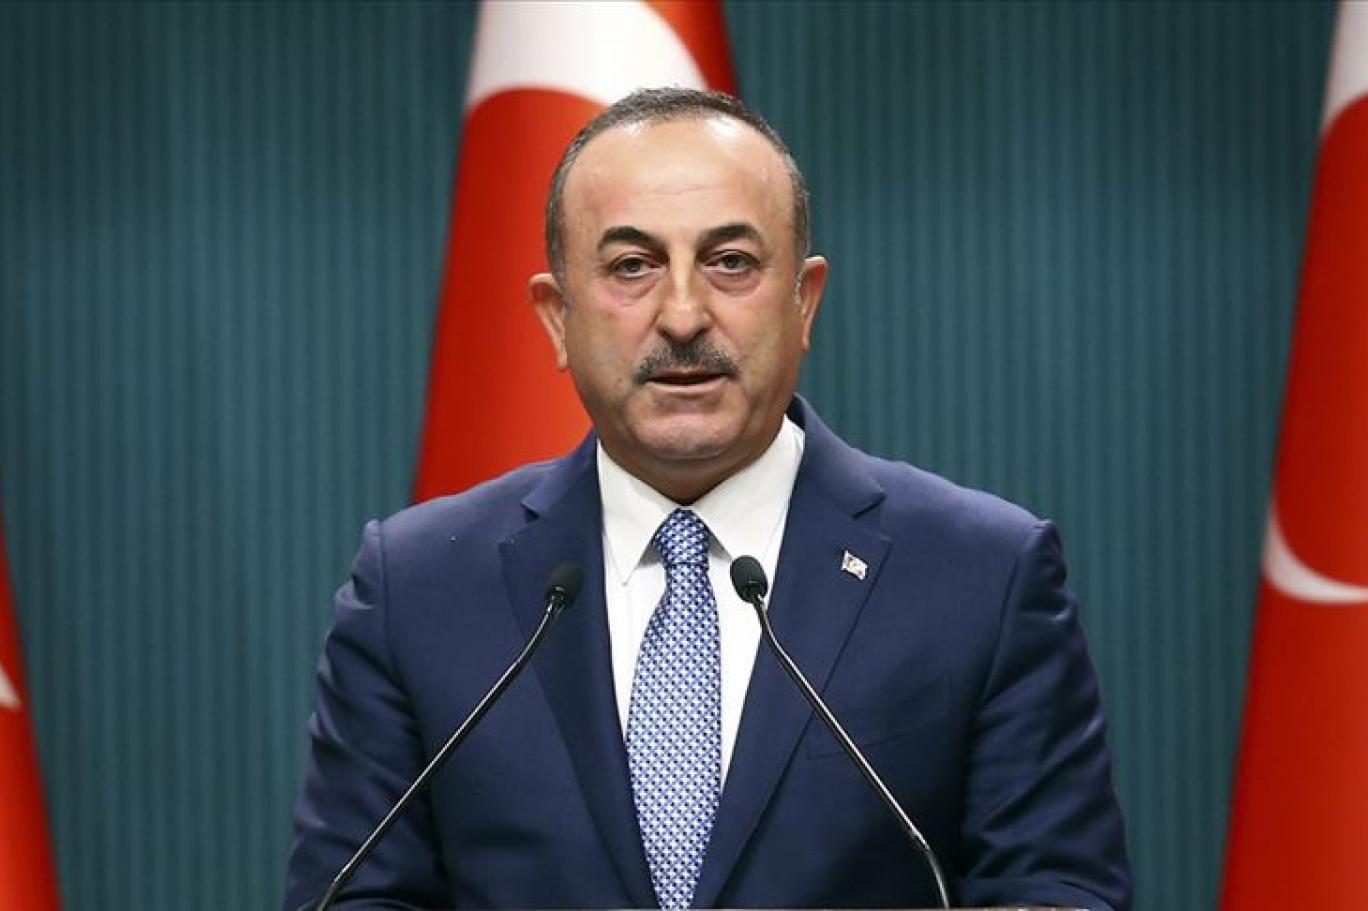 Çavuşoğlu, Washington Times'taki makalesinde çatışmalar için diyalog çağrısı yaptı